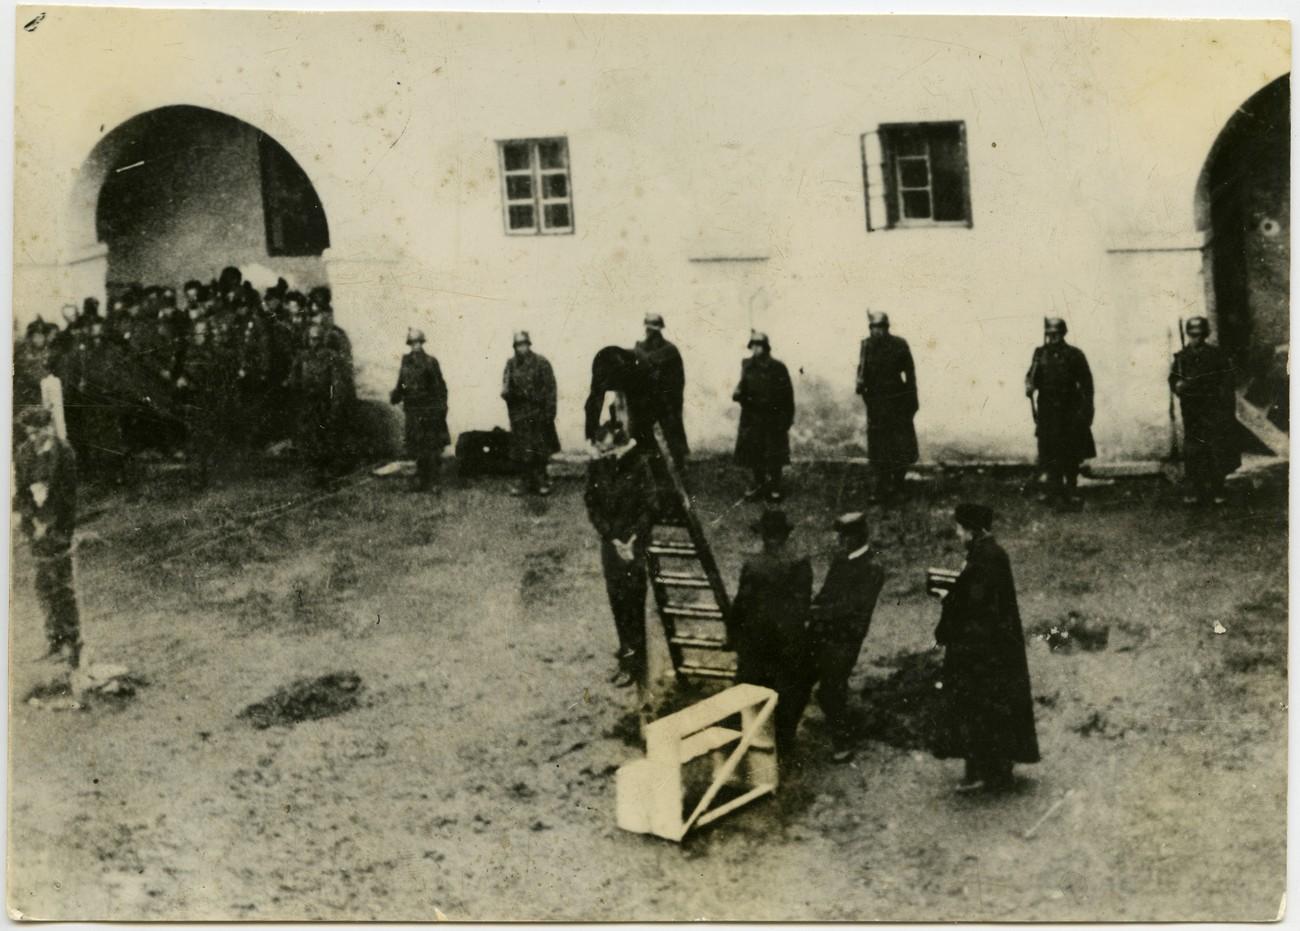 Obešanje Evgena Kardoša in Štefana Cvetka 31. oktobra 1941 na dvorišču soboškega gradu. PMMS.